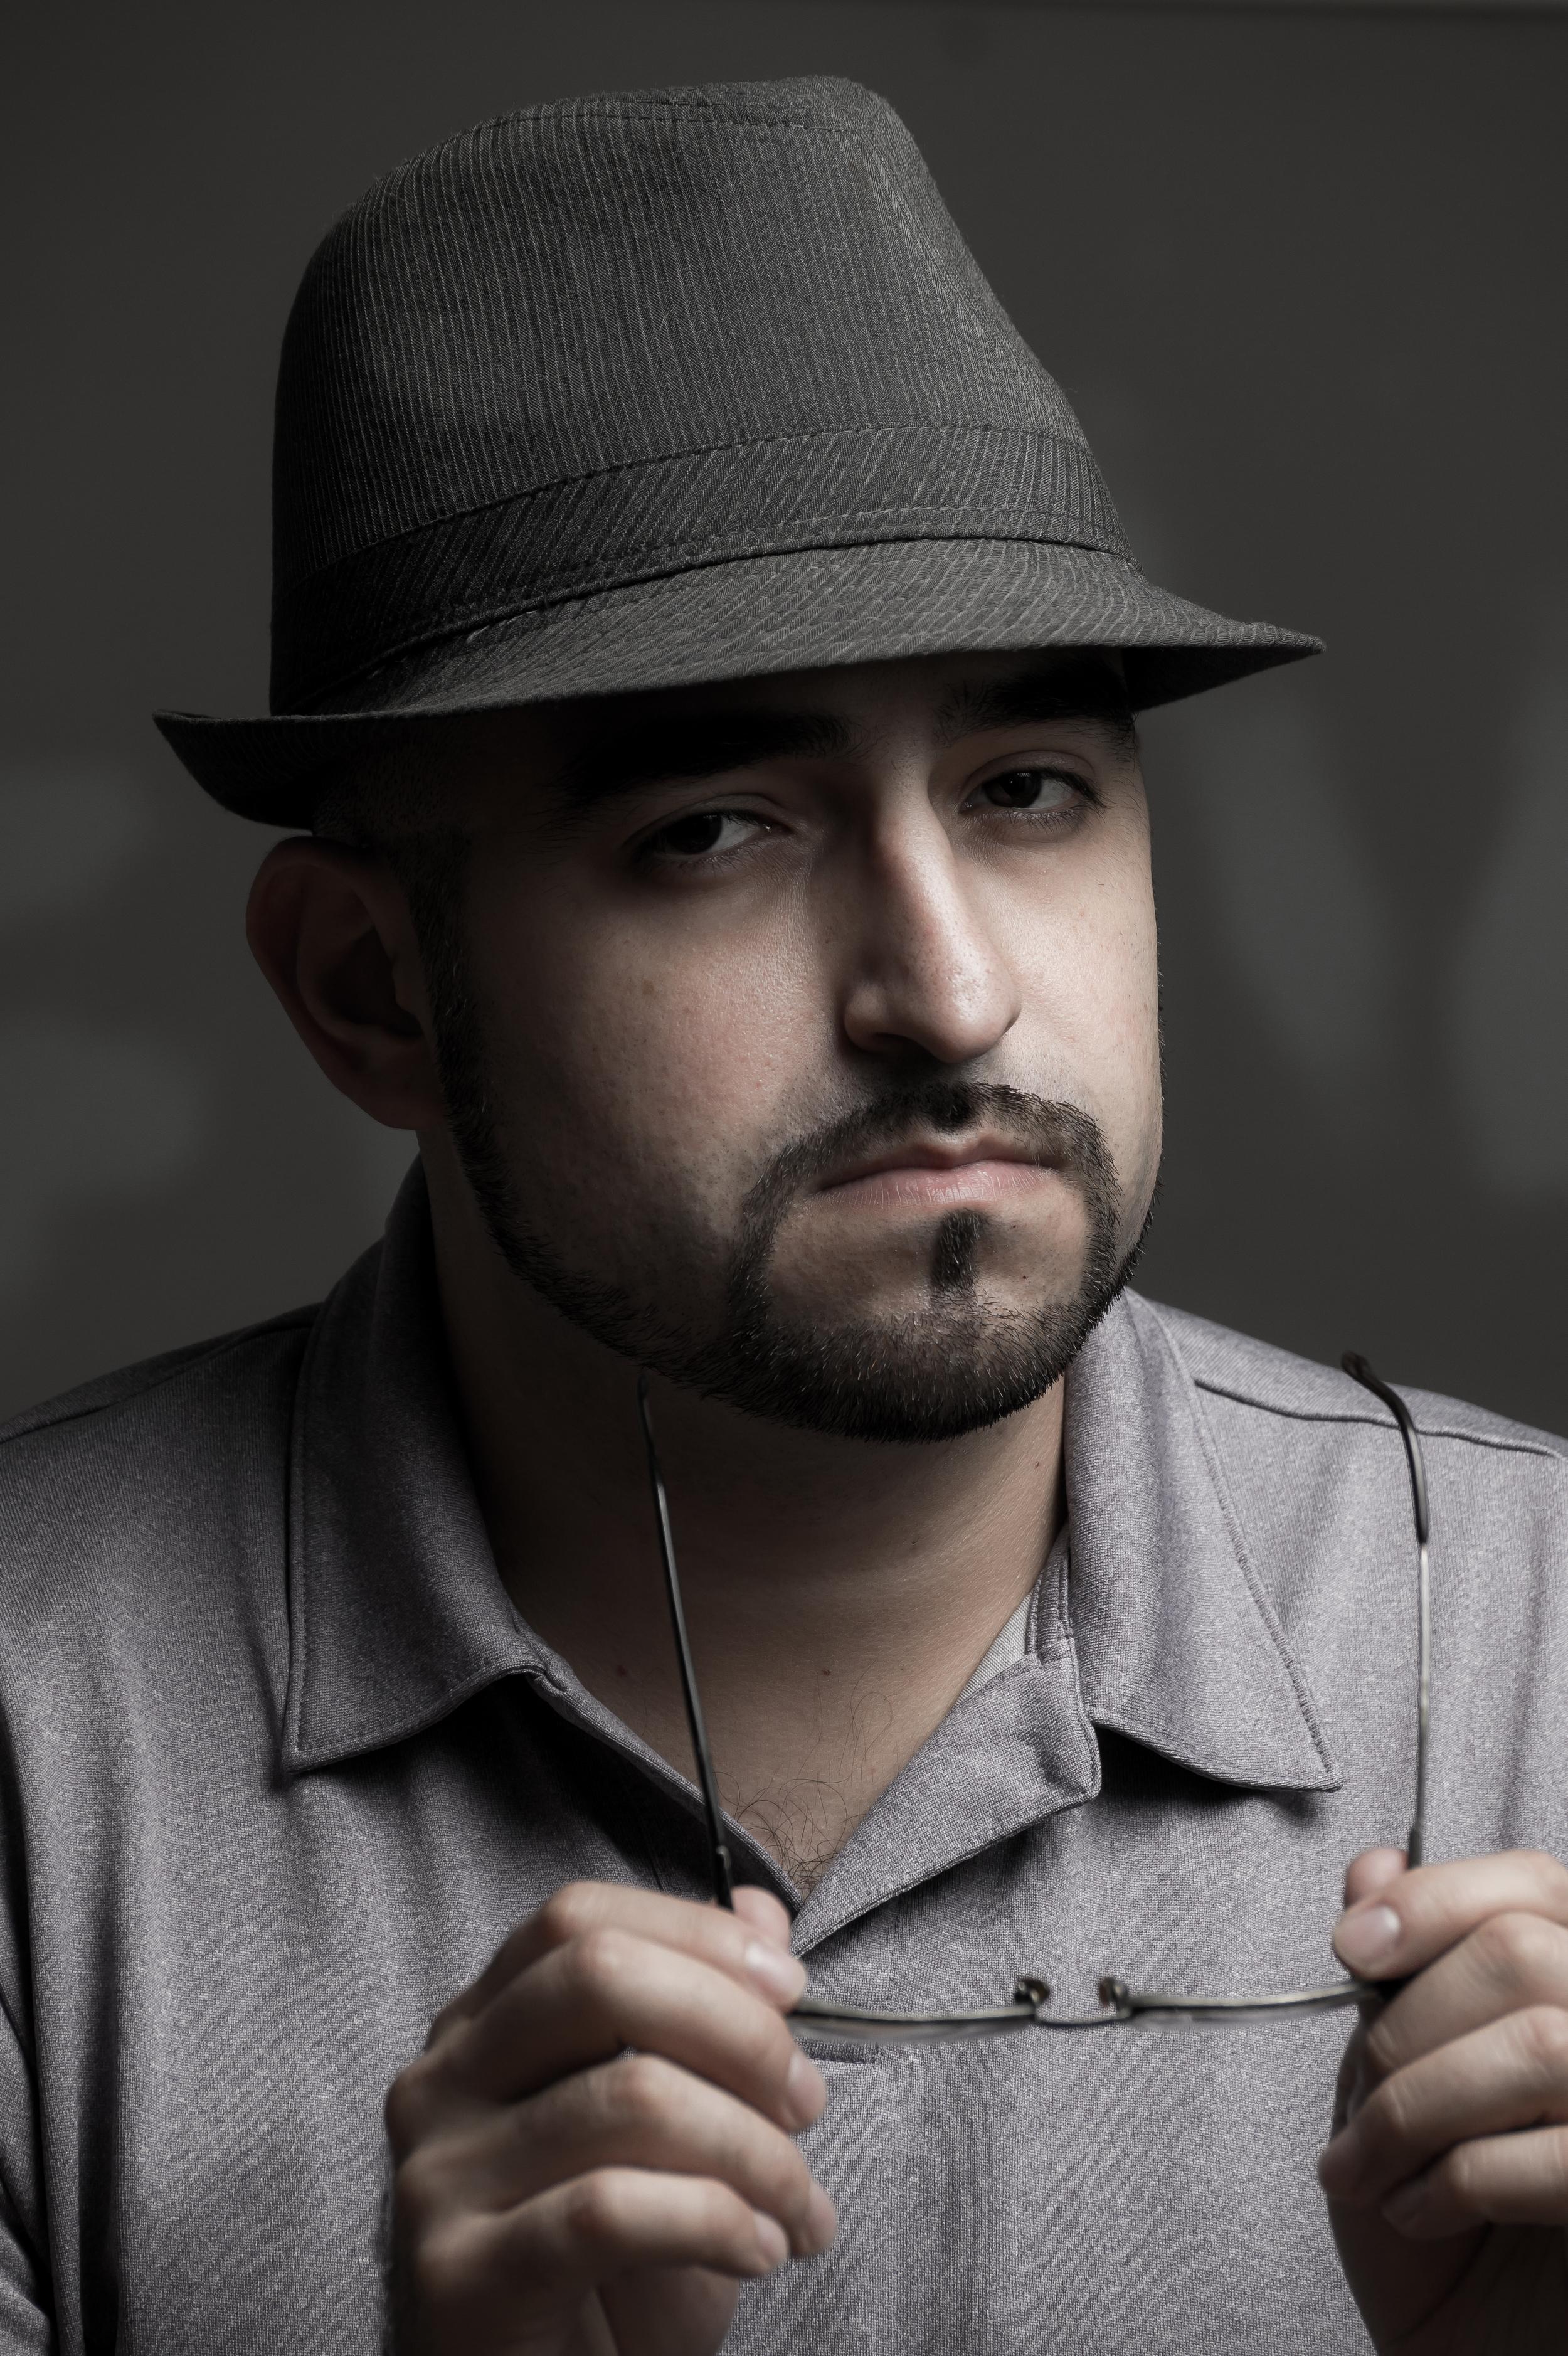 Oscar Espinoza photographer at Oscar Photo